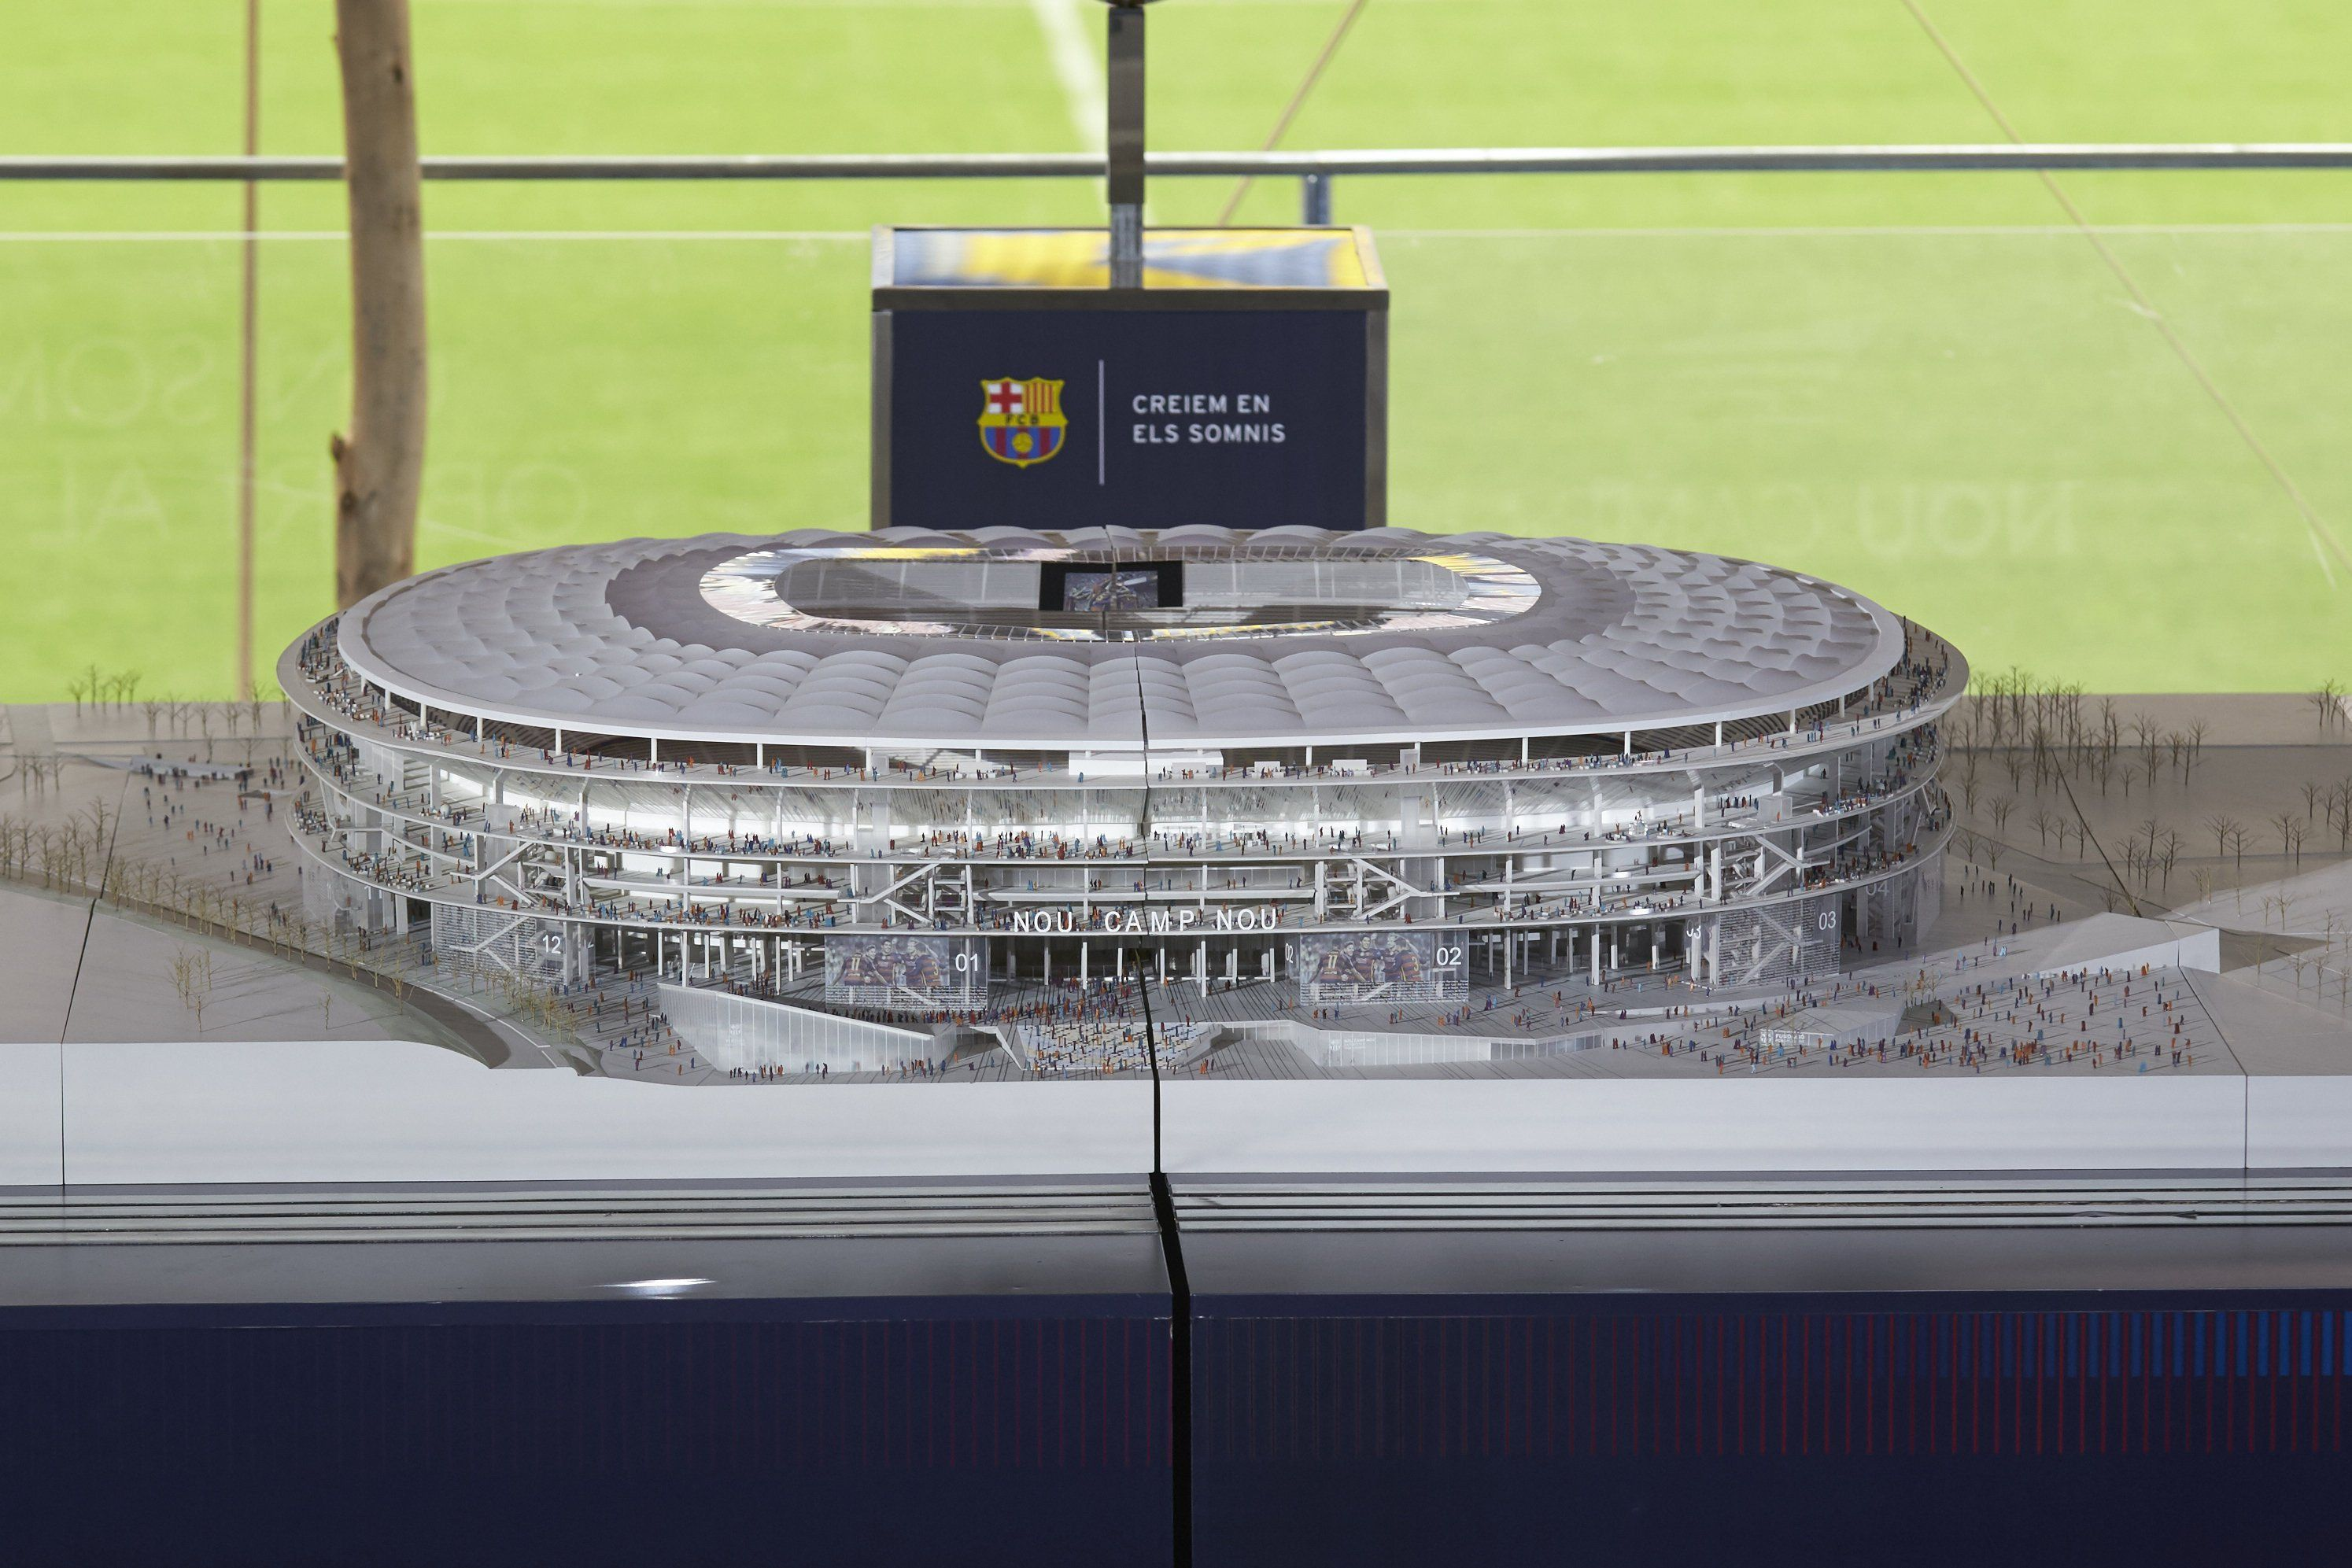 Imponente: así será el nuevo estadio que tendrá el Barcelona